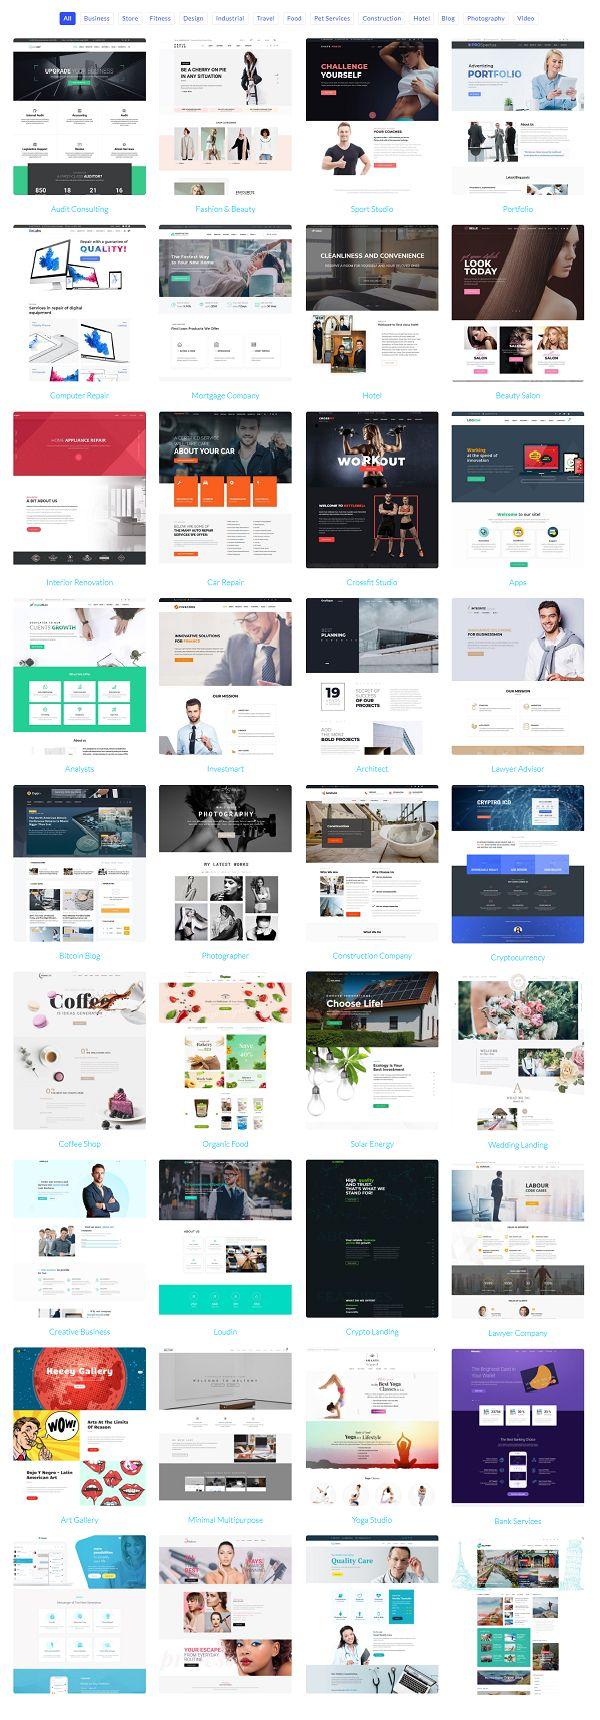 Best WordPress Template #business #websitethemes #themes #webtemplate #Startup